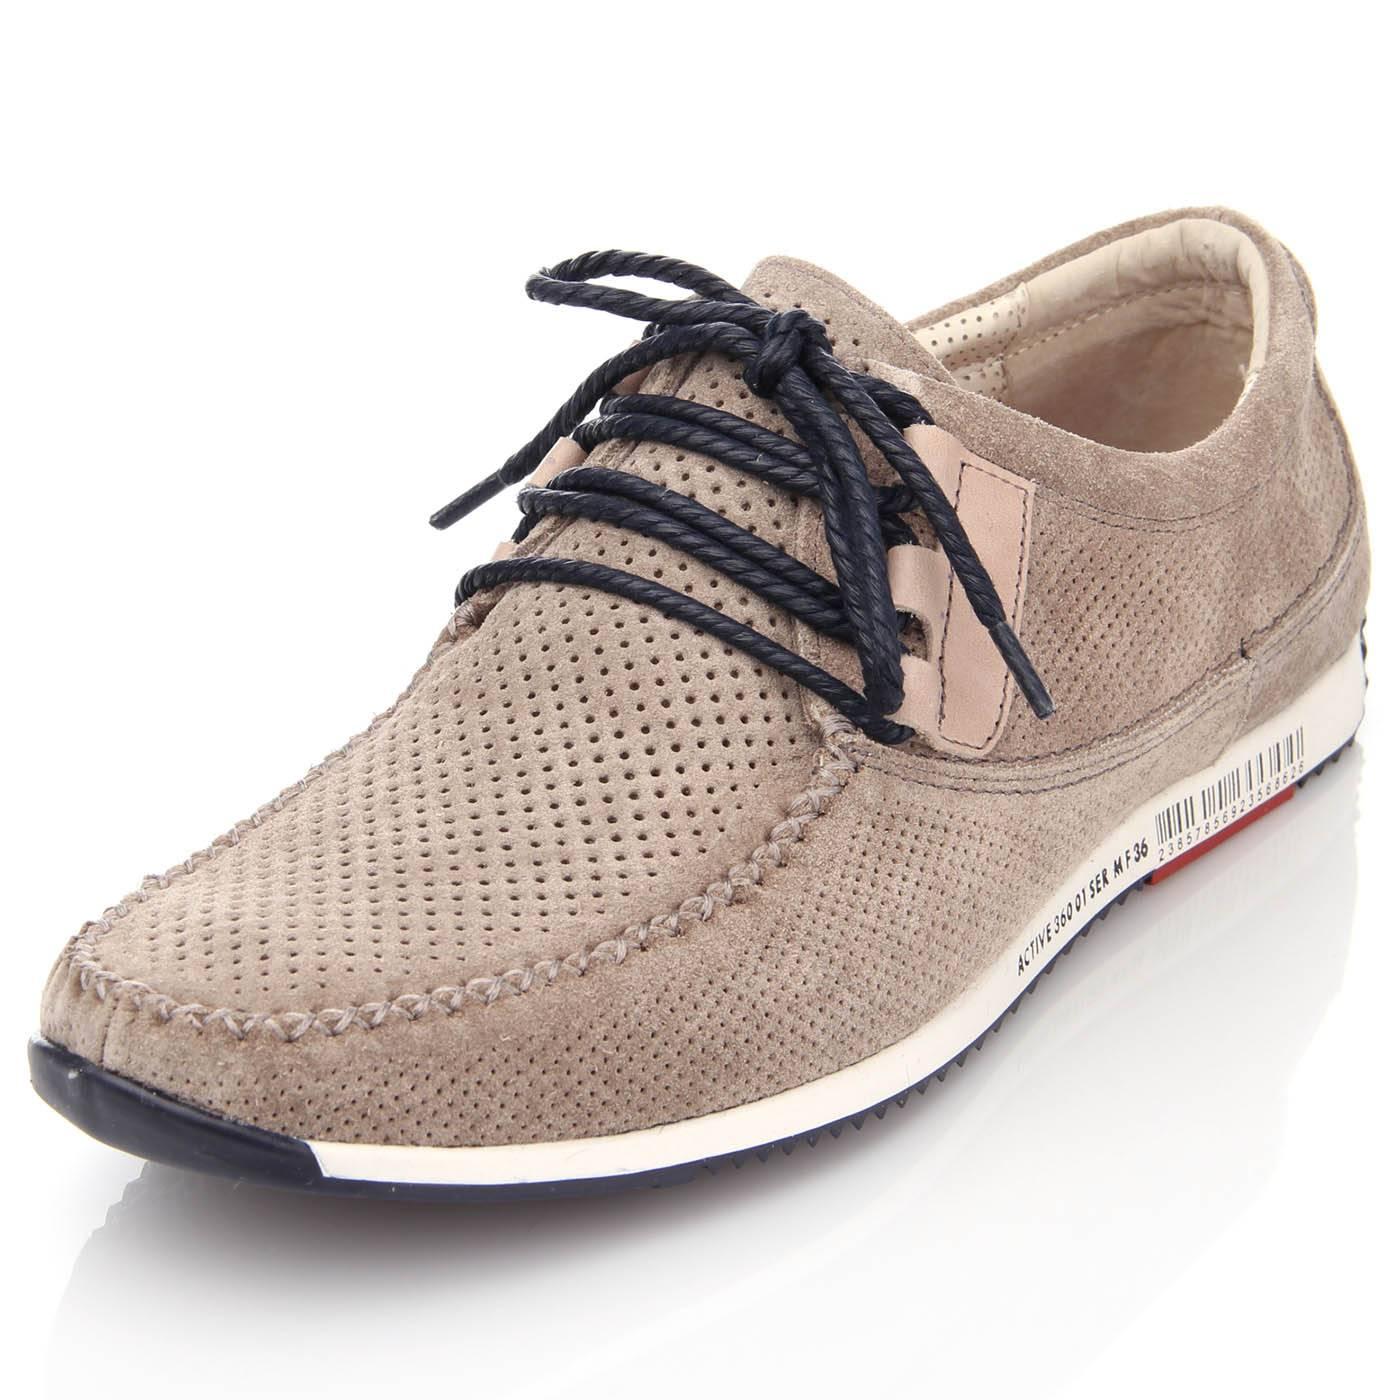 47541b2a72b3 Туфли мужские ditto 6438 Хаки купить по выгодной цене в интернет ...